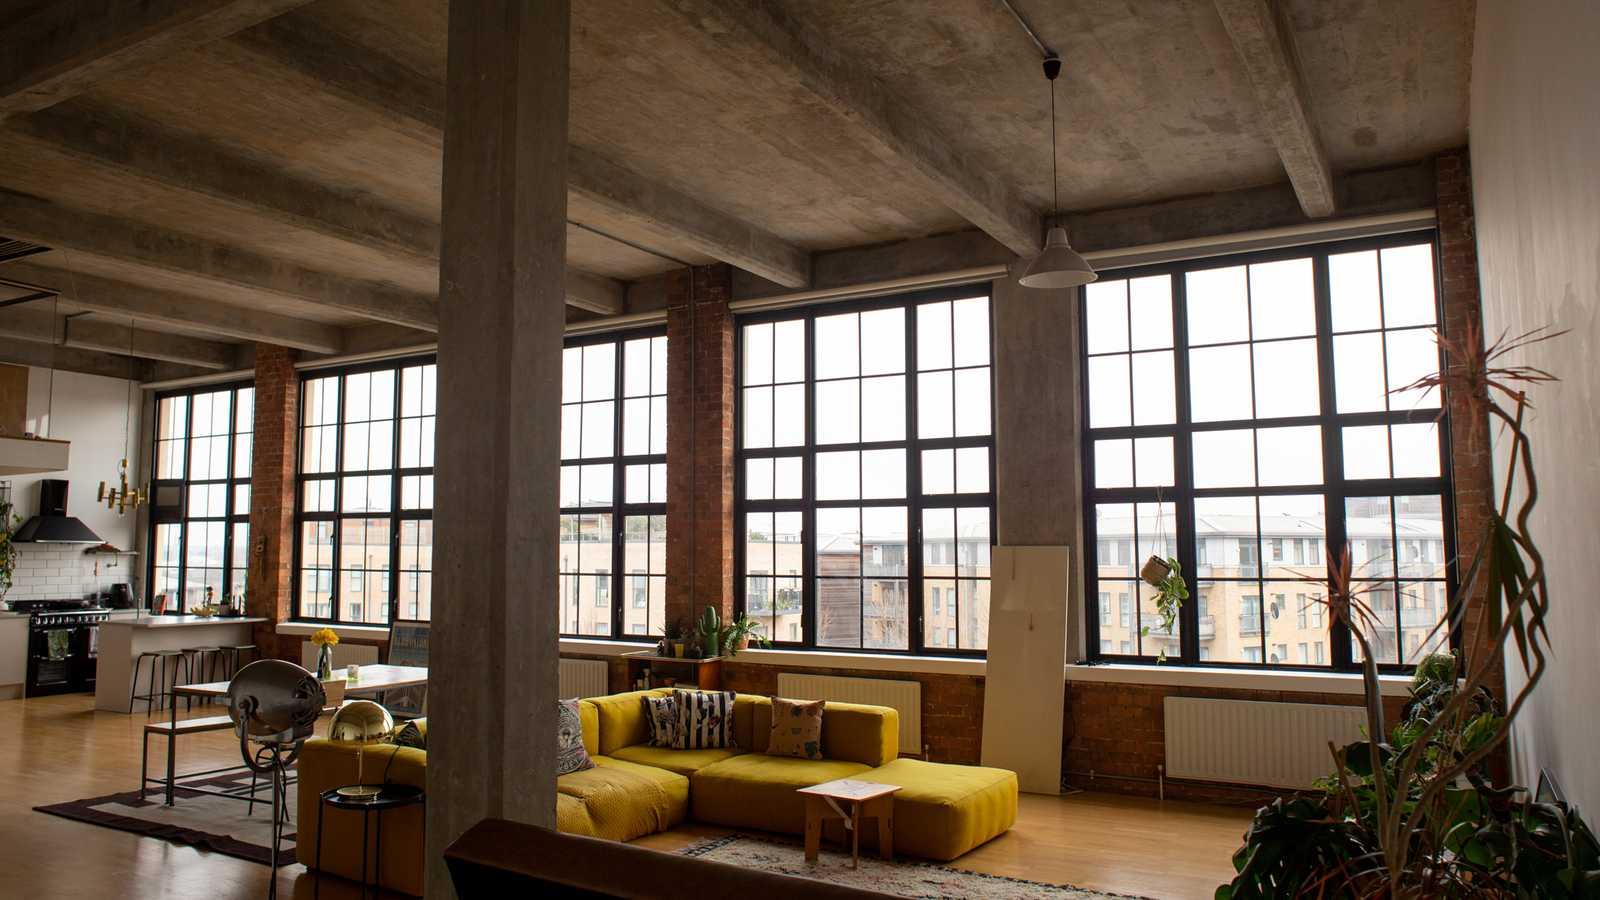 Dehav Studios Hackney